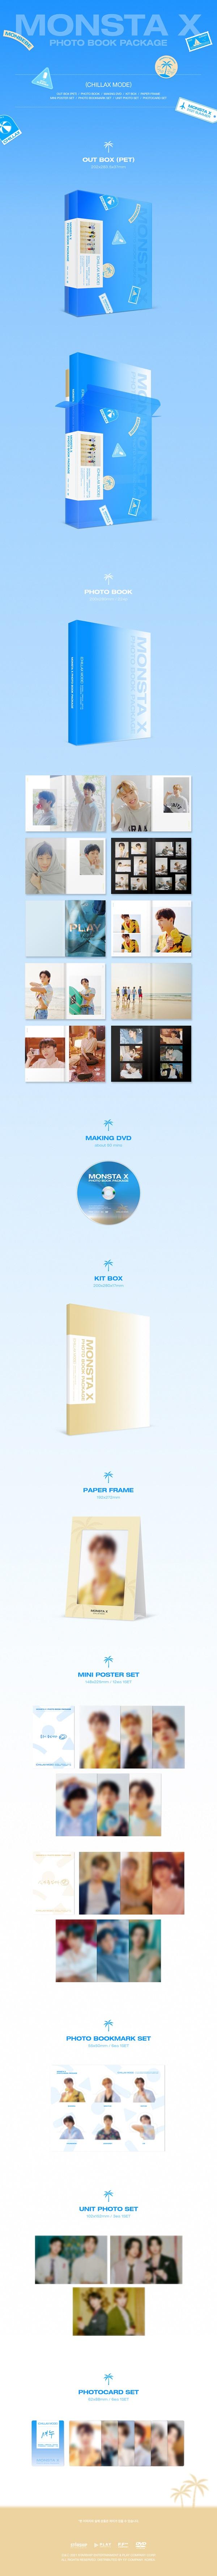 2021 MONSTA X PHOTO BOOK PACKAGE [CHILLAX MODE] [BOOK+DVD]_2